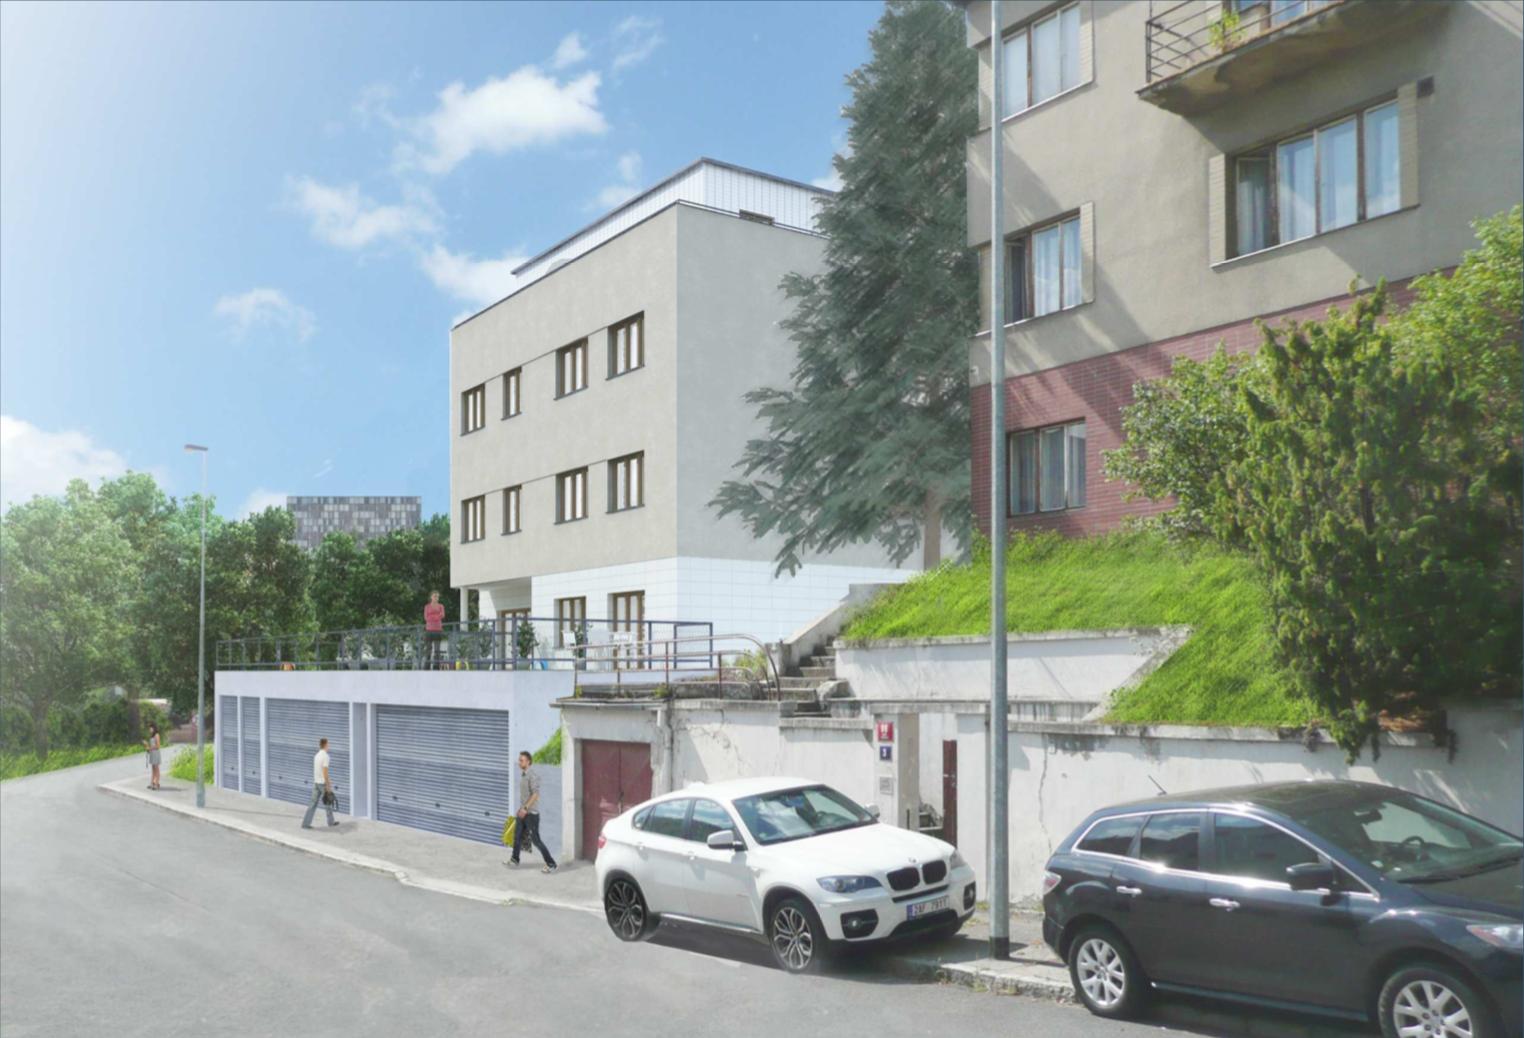 Vila_Rokoska-1.png